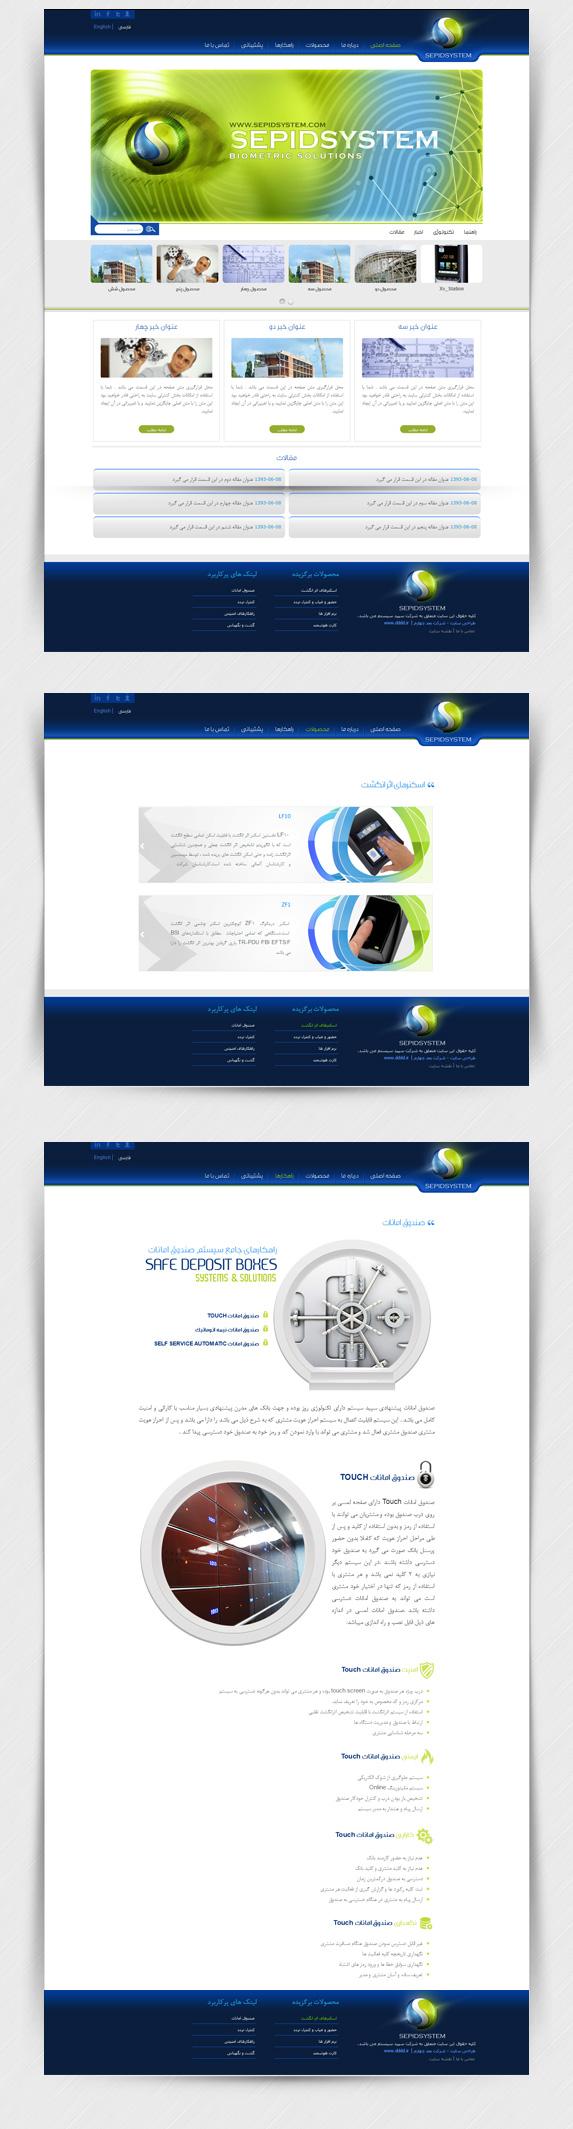 طراحی سایت شرکت سپید سیستم